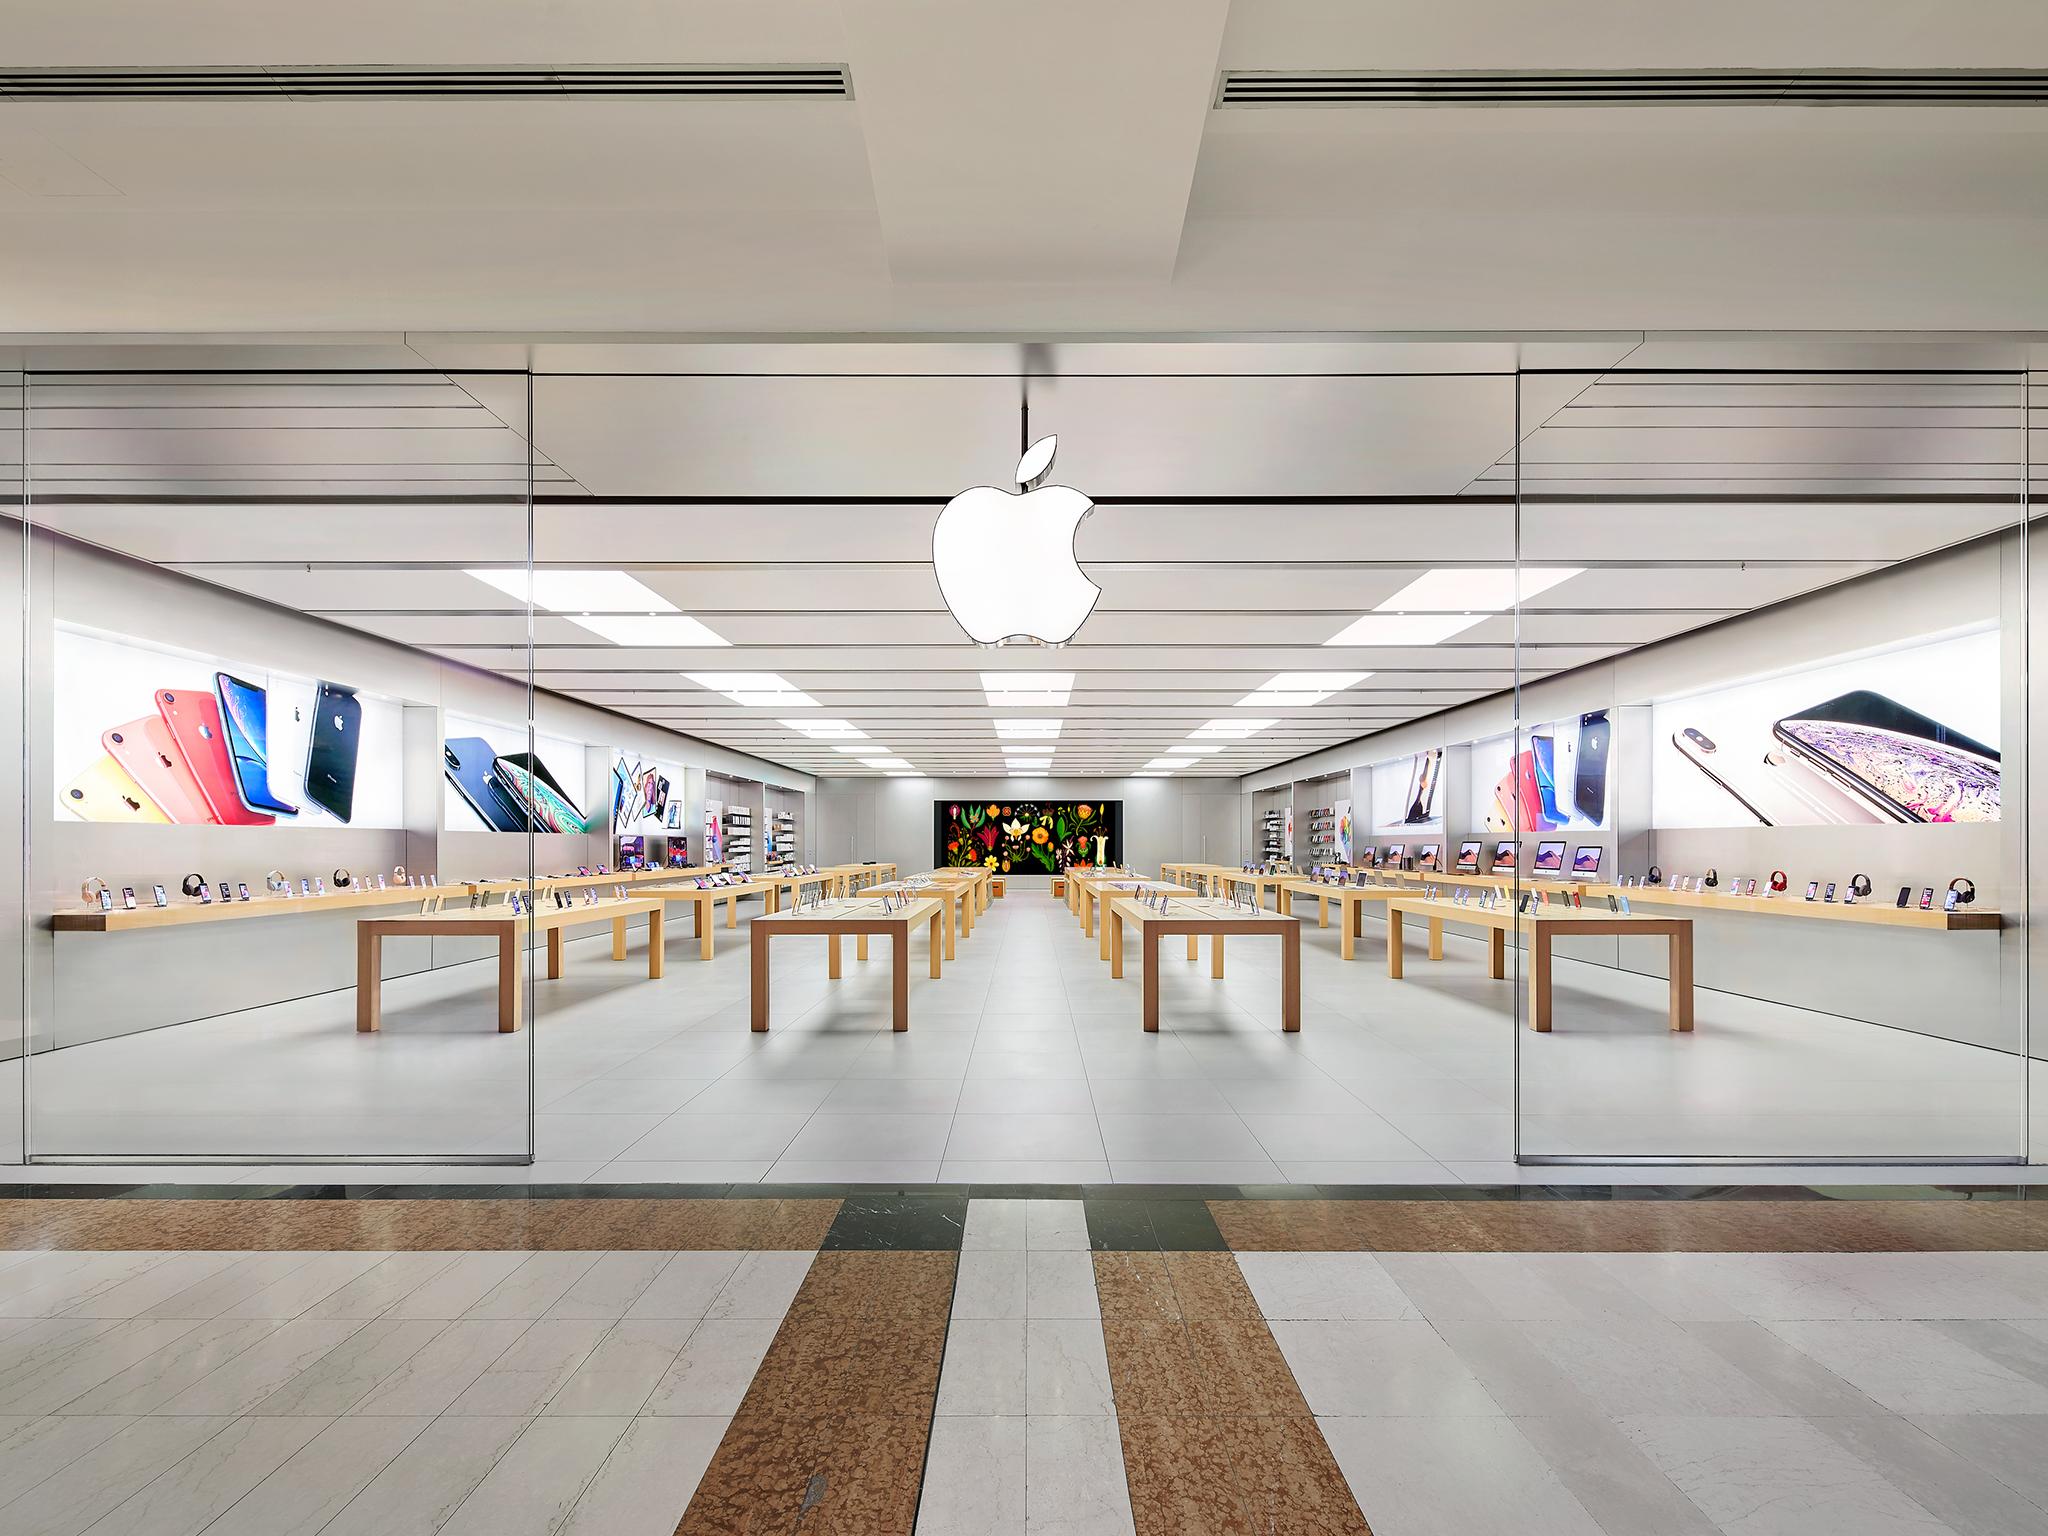 بهترین مرکز تعمیرات Apple در تهران | گارانتی رسمی اپل